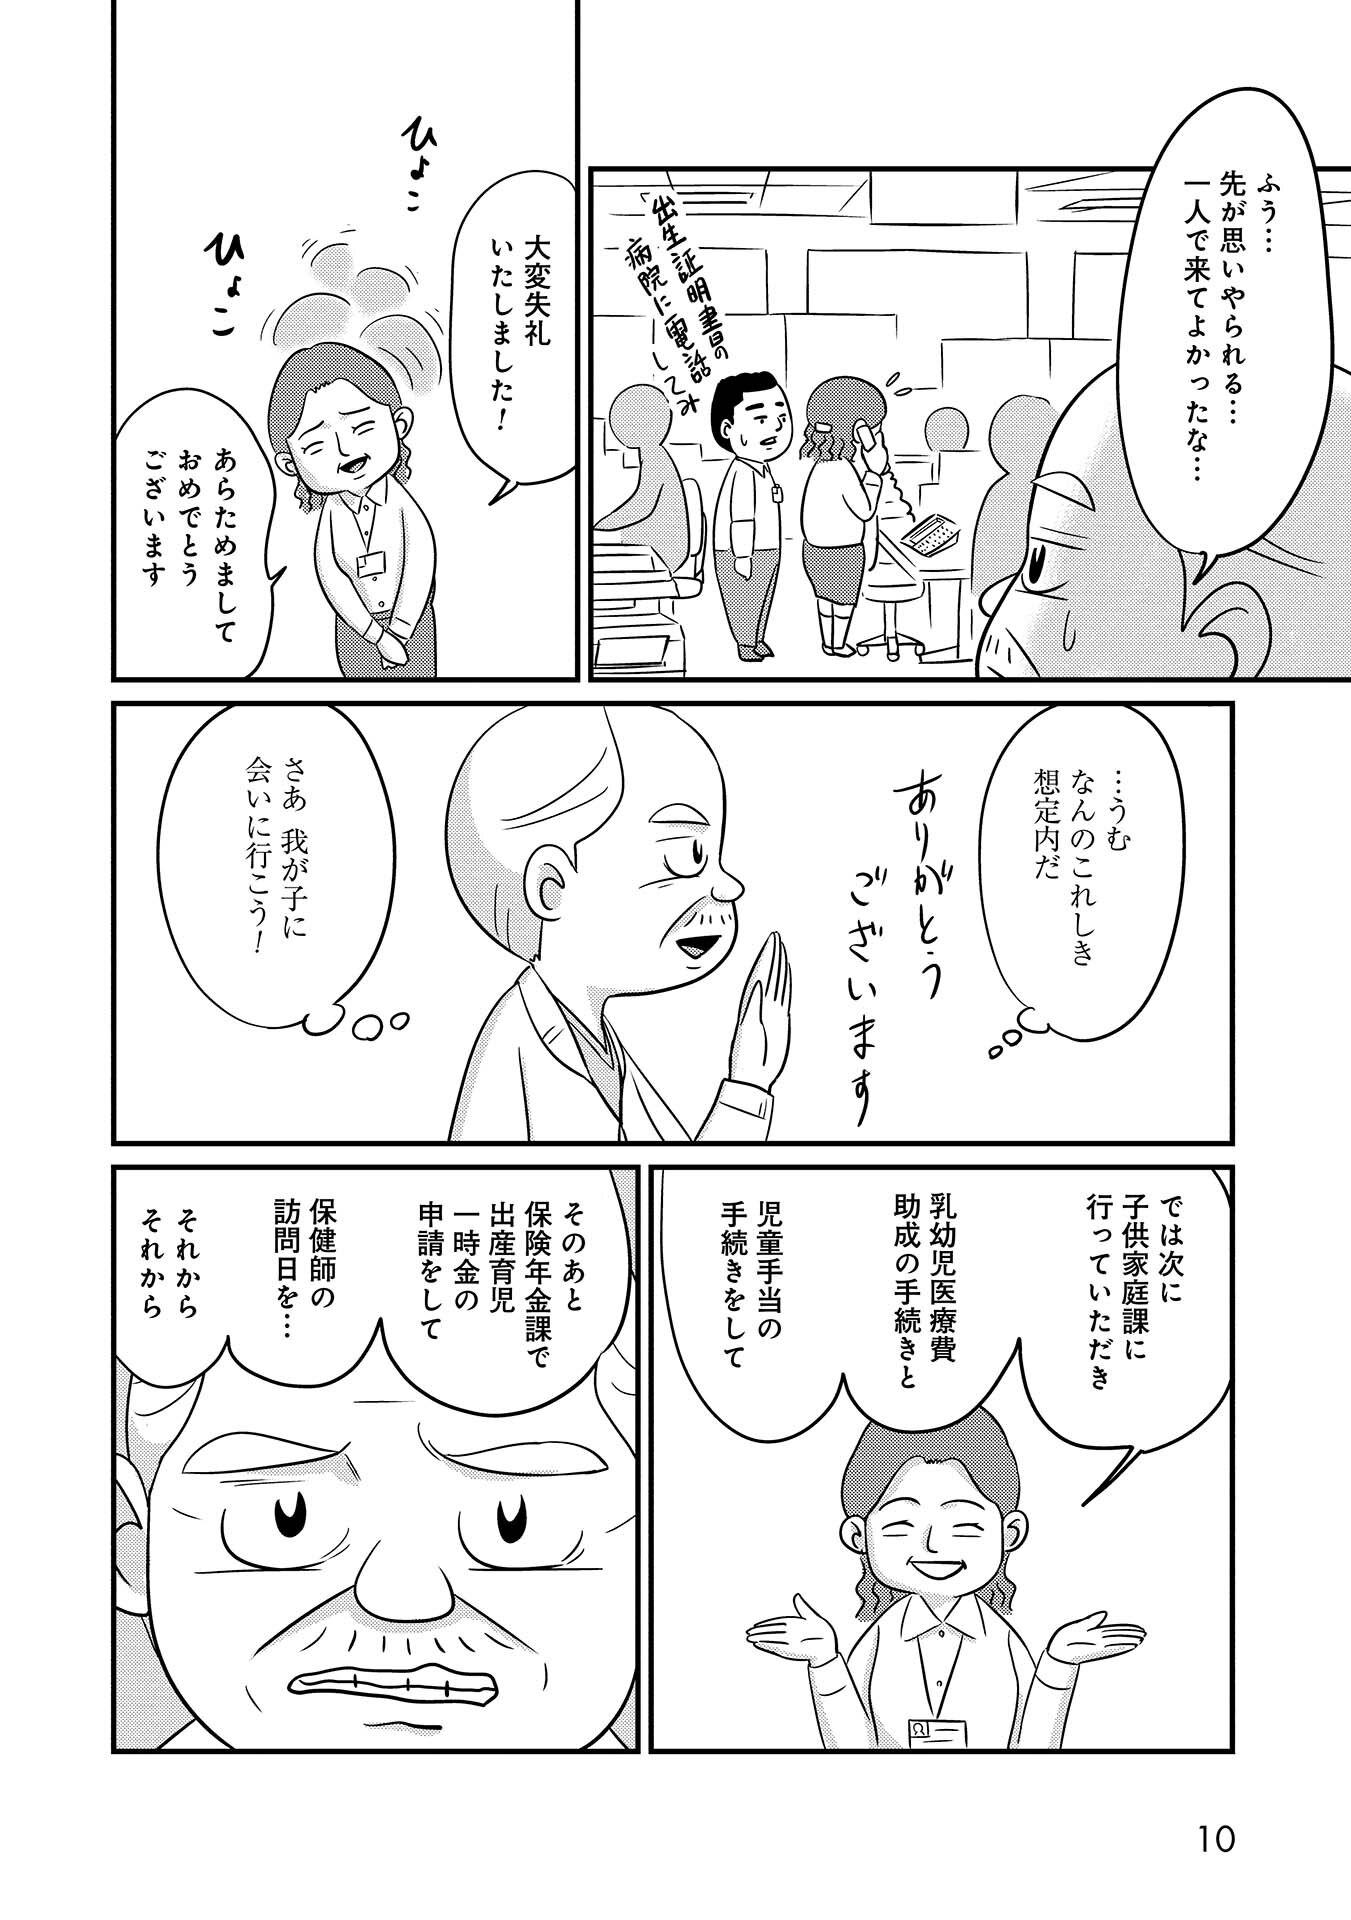 ウイ ザン 漫画 セブンティ 無料